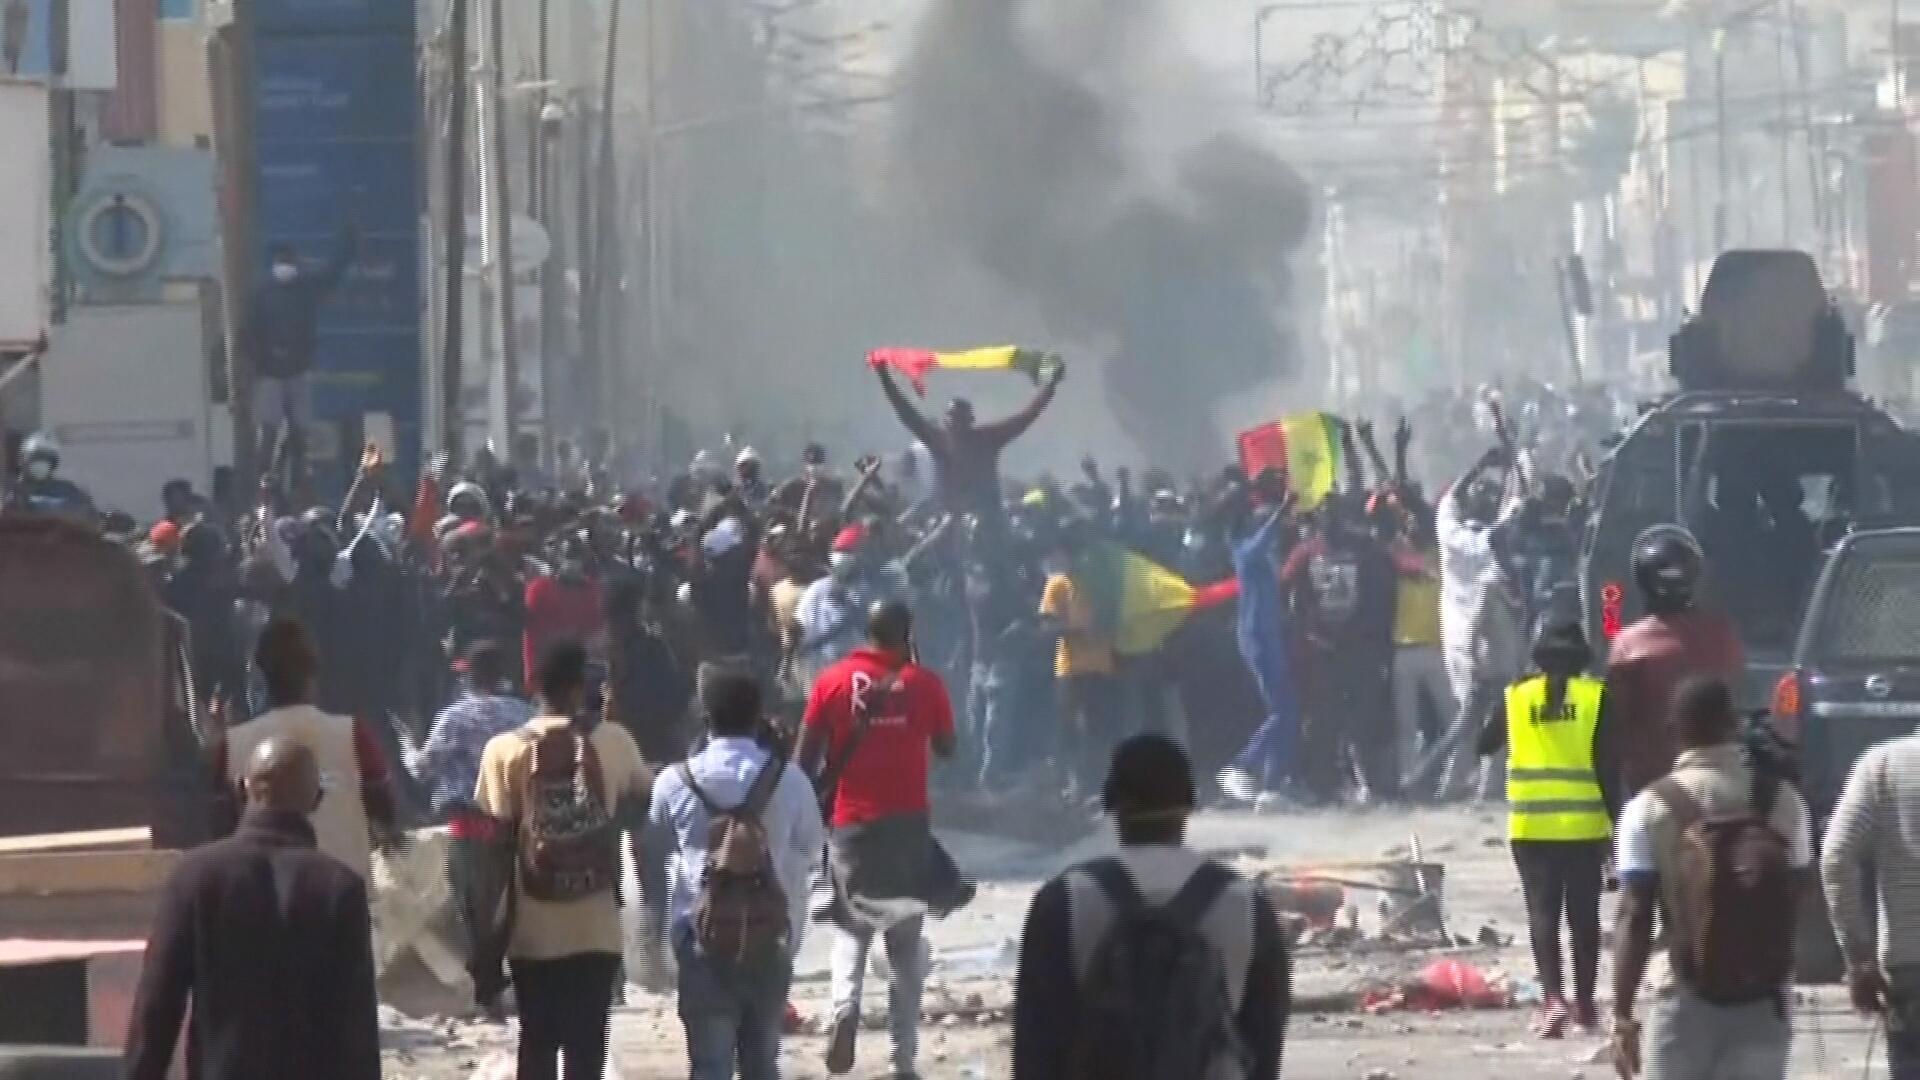 Clashes in Dakar